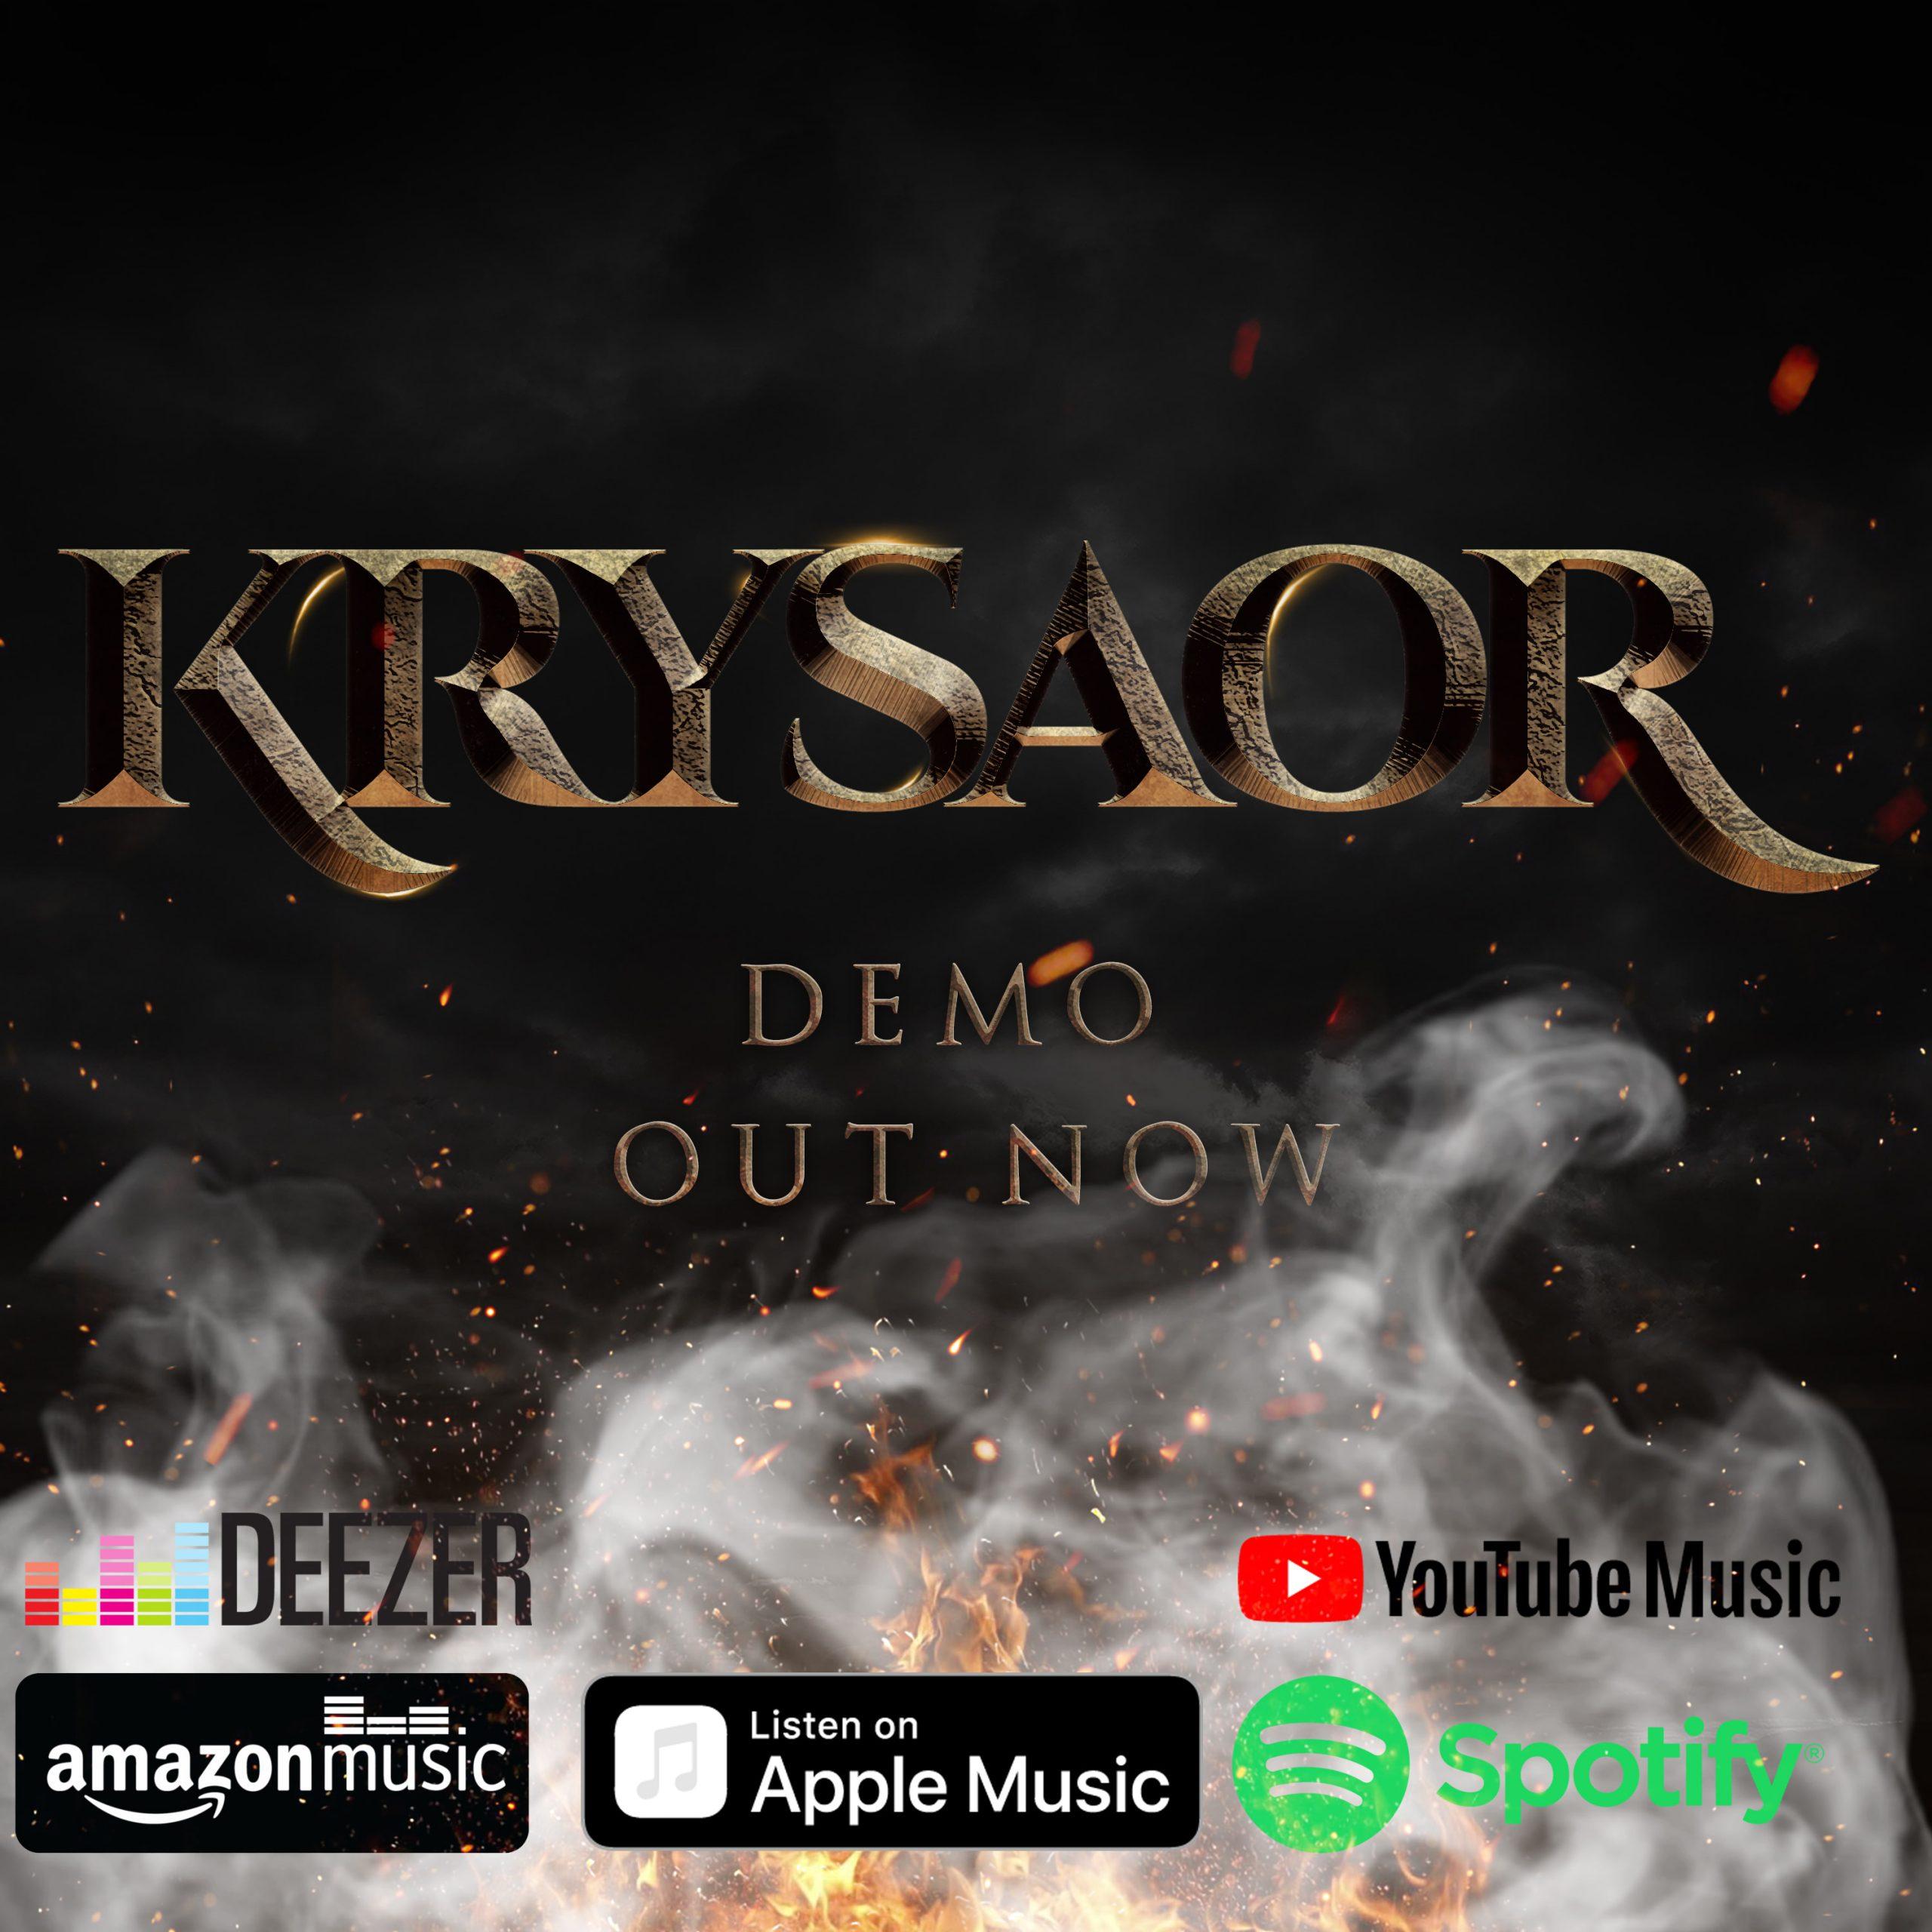 Krysaor Disciple